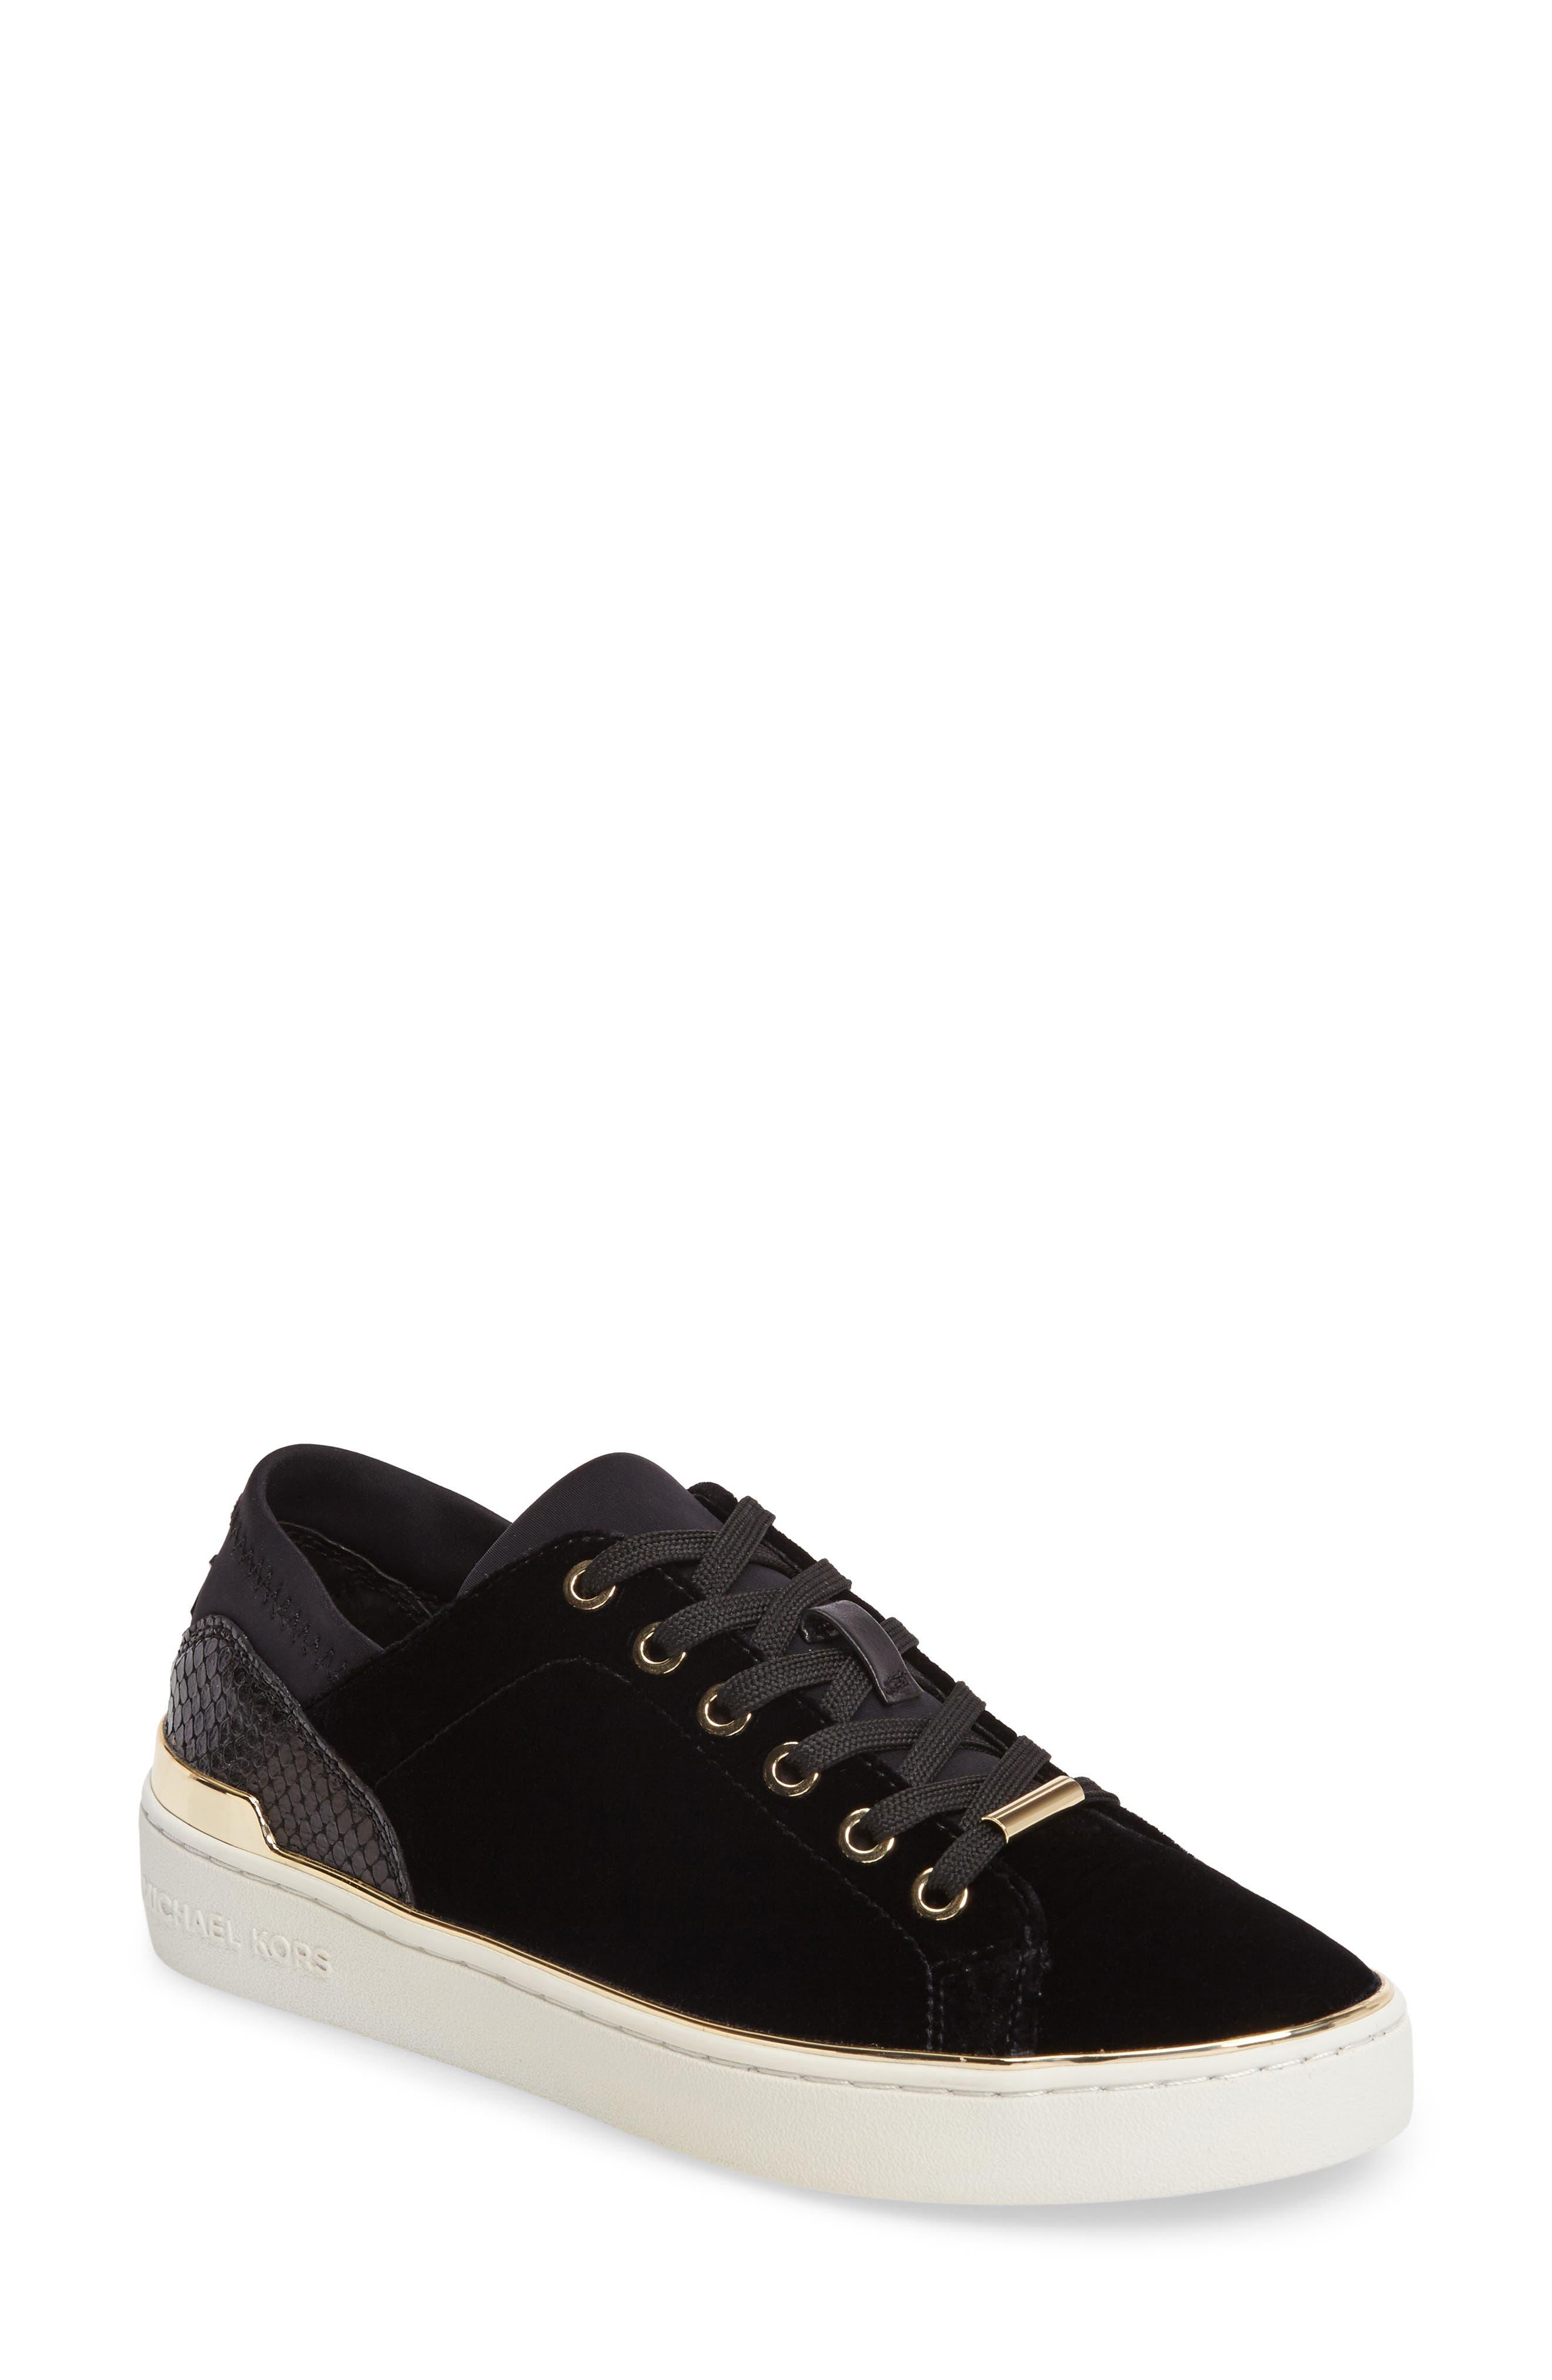 Scout Sneaker,                         Main,                         color, Black